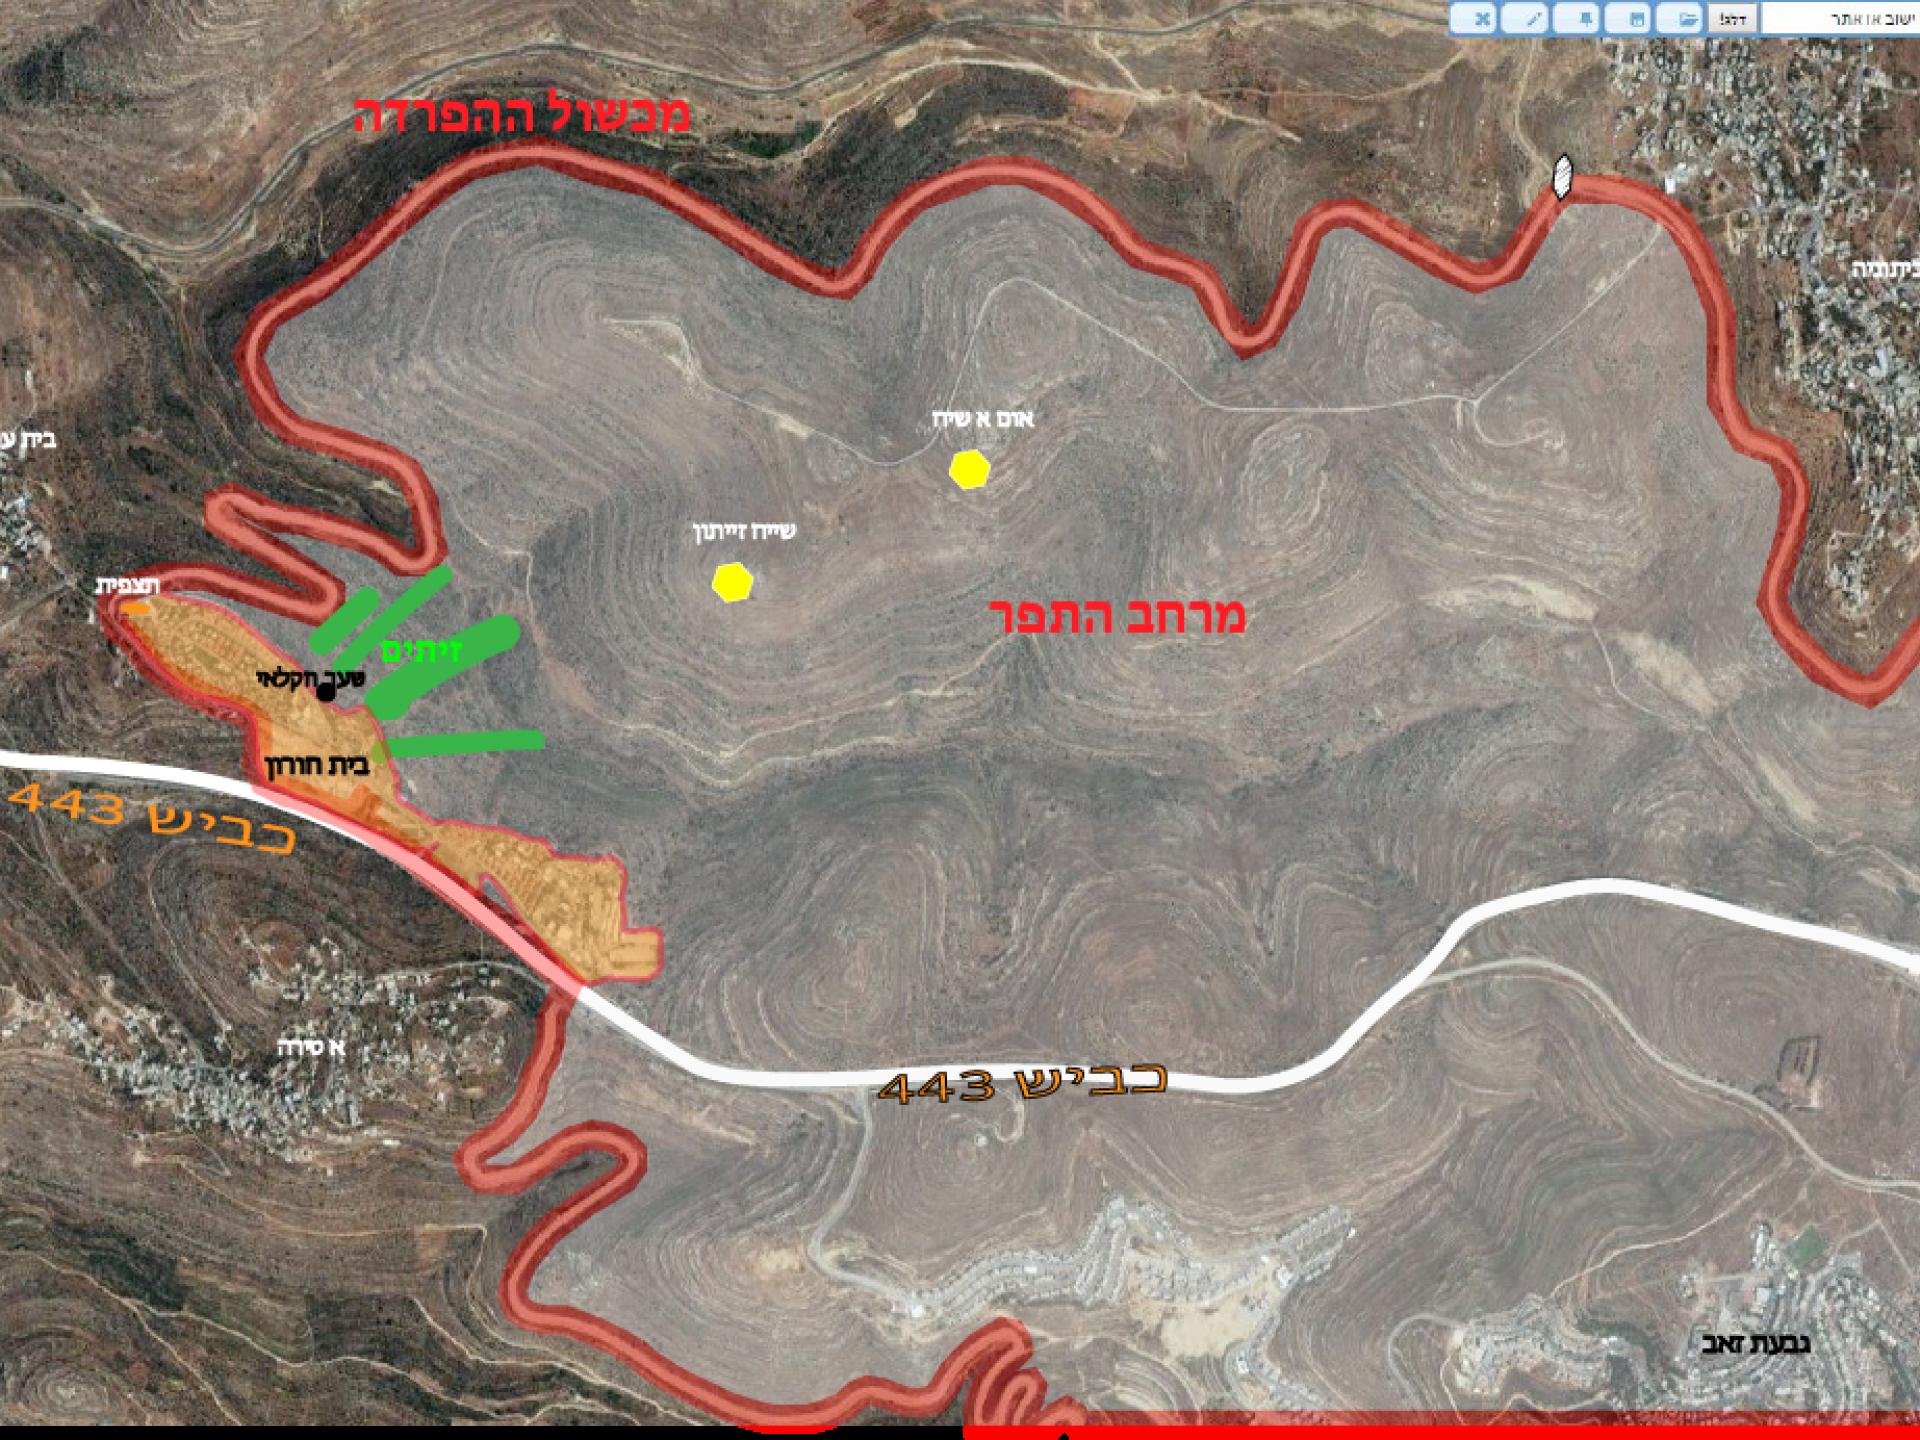 מרחב התפר: אתרים קדושים, מטעי זיתים בבעלות פלסיטינים - מעבר לגדר